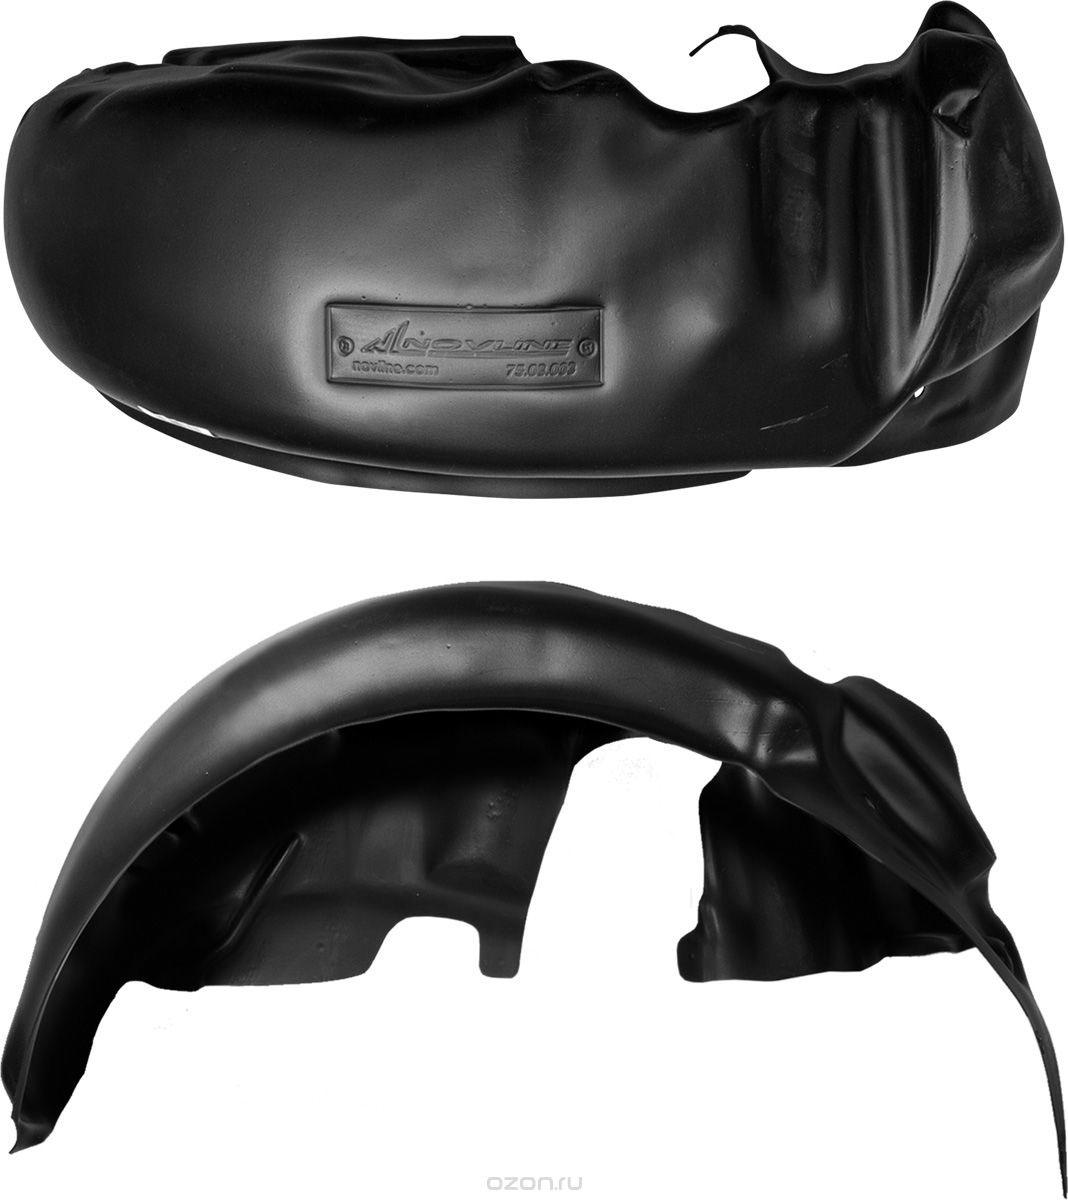 Подкрылок Novline-Autofamily, для Ford Focus 3, 2015->, универсал, задний левыйNLL.16.62.003Идеальная защита колесной ниши. Локеры разработаны с применением цифровых технологий, гарантируют максимальную повторяемость поверхности арки. Изделия устанавливаются без нарушения лакокрасочного покрытия автомобиля, каждый подкрылок комплектуется крепежом. Уважаемые клиенты, обращаем ваше внимание, что фотографии на подкрылки универсальные и не отражают реальную форму изделия. При этом само изделие идет точно под размер указанного автомобиля.